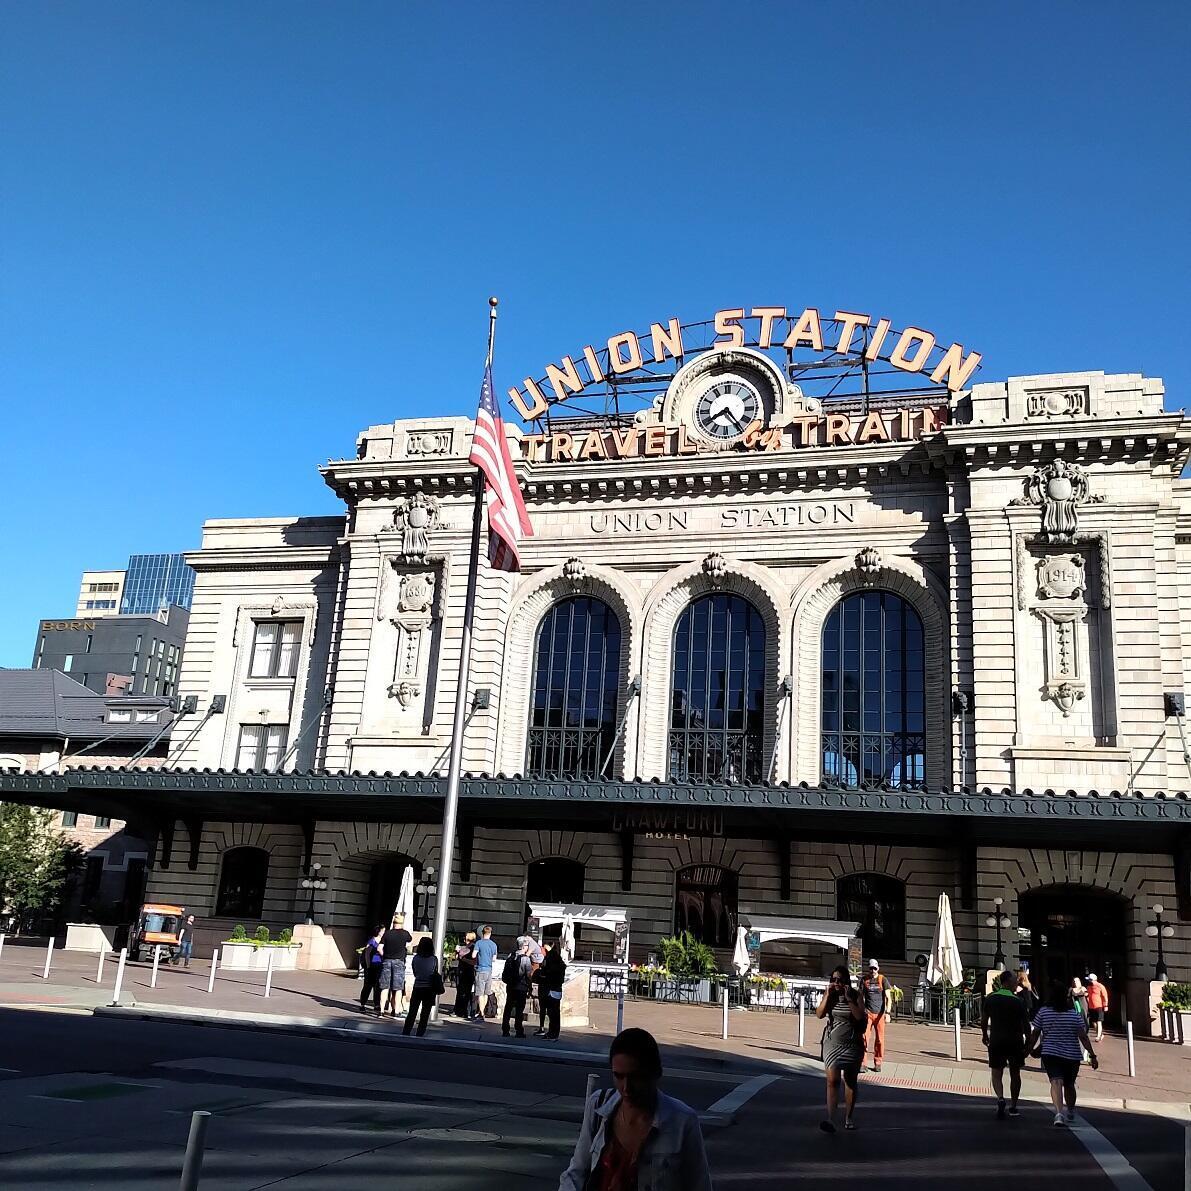 Union Station, la estación ferroviaria de Denver. Allí hay una gran variedad de restaurantes. Denver, Colorado, julio de 2019.